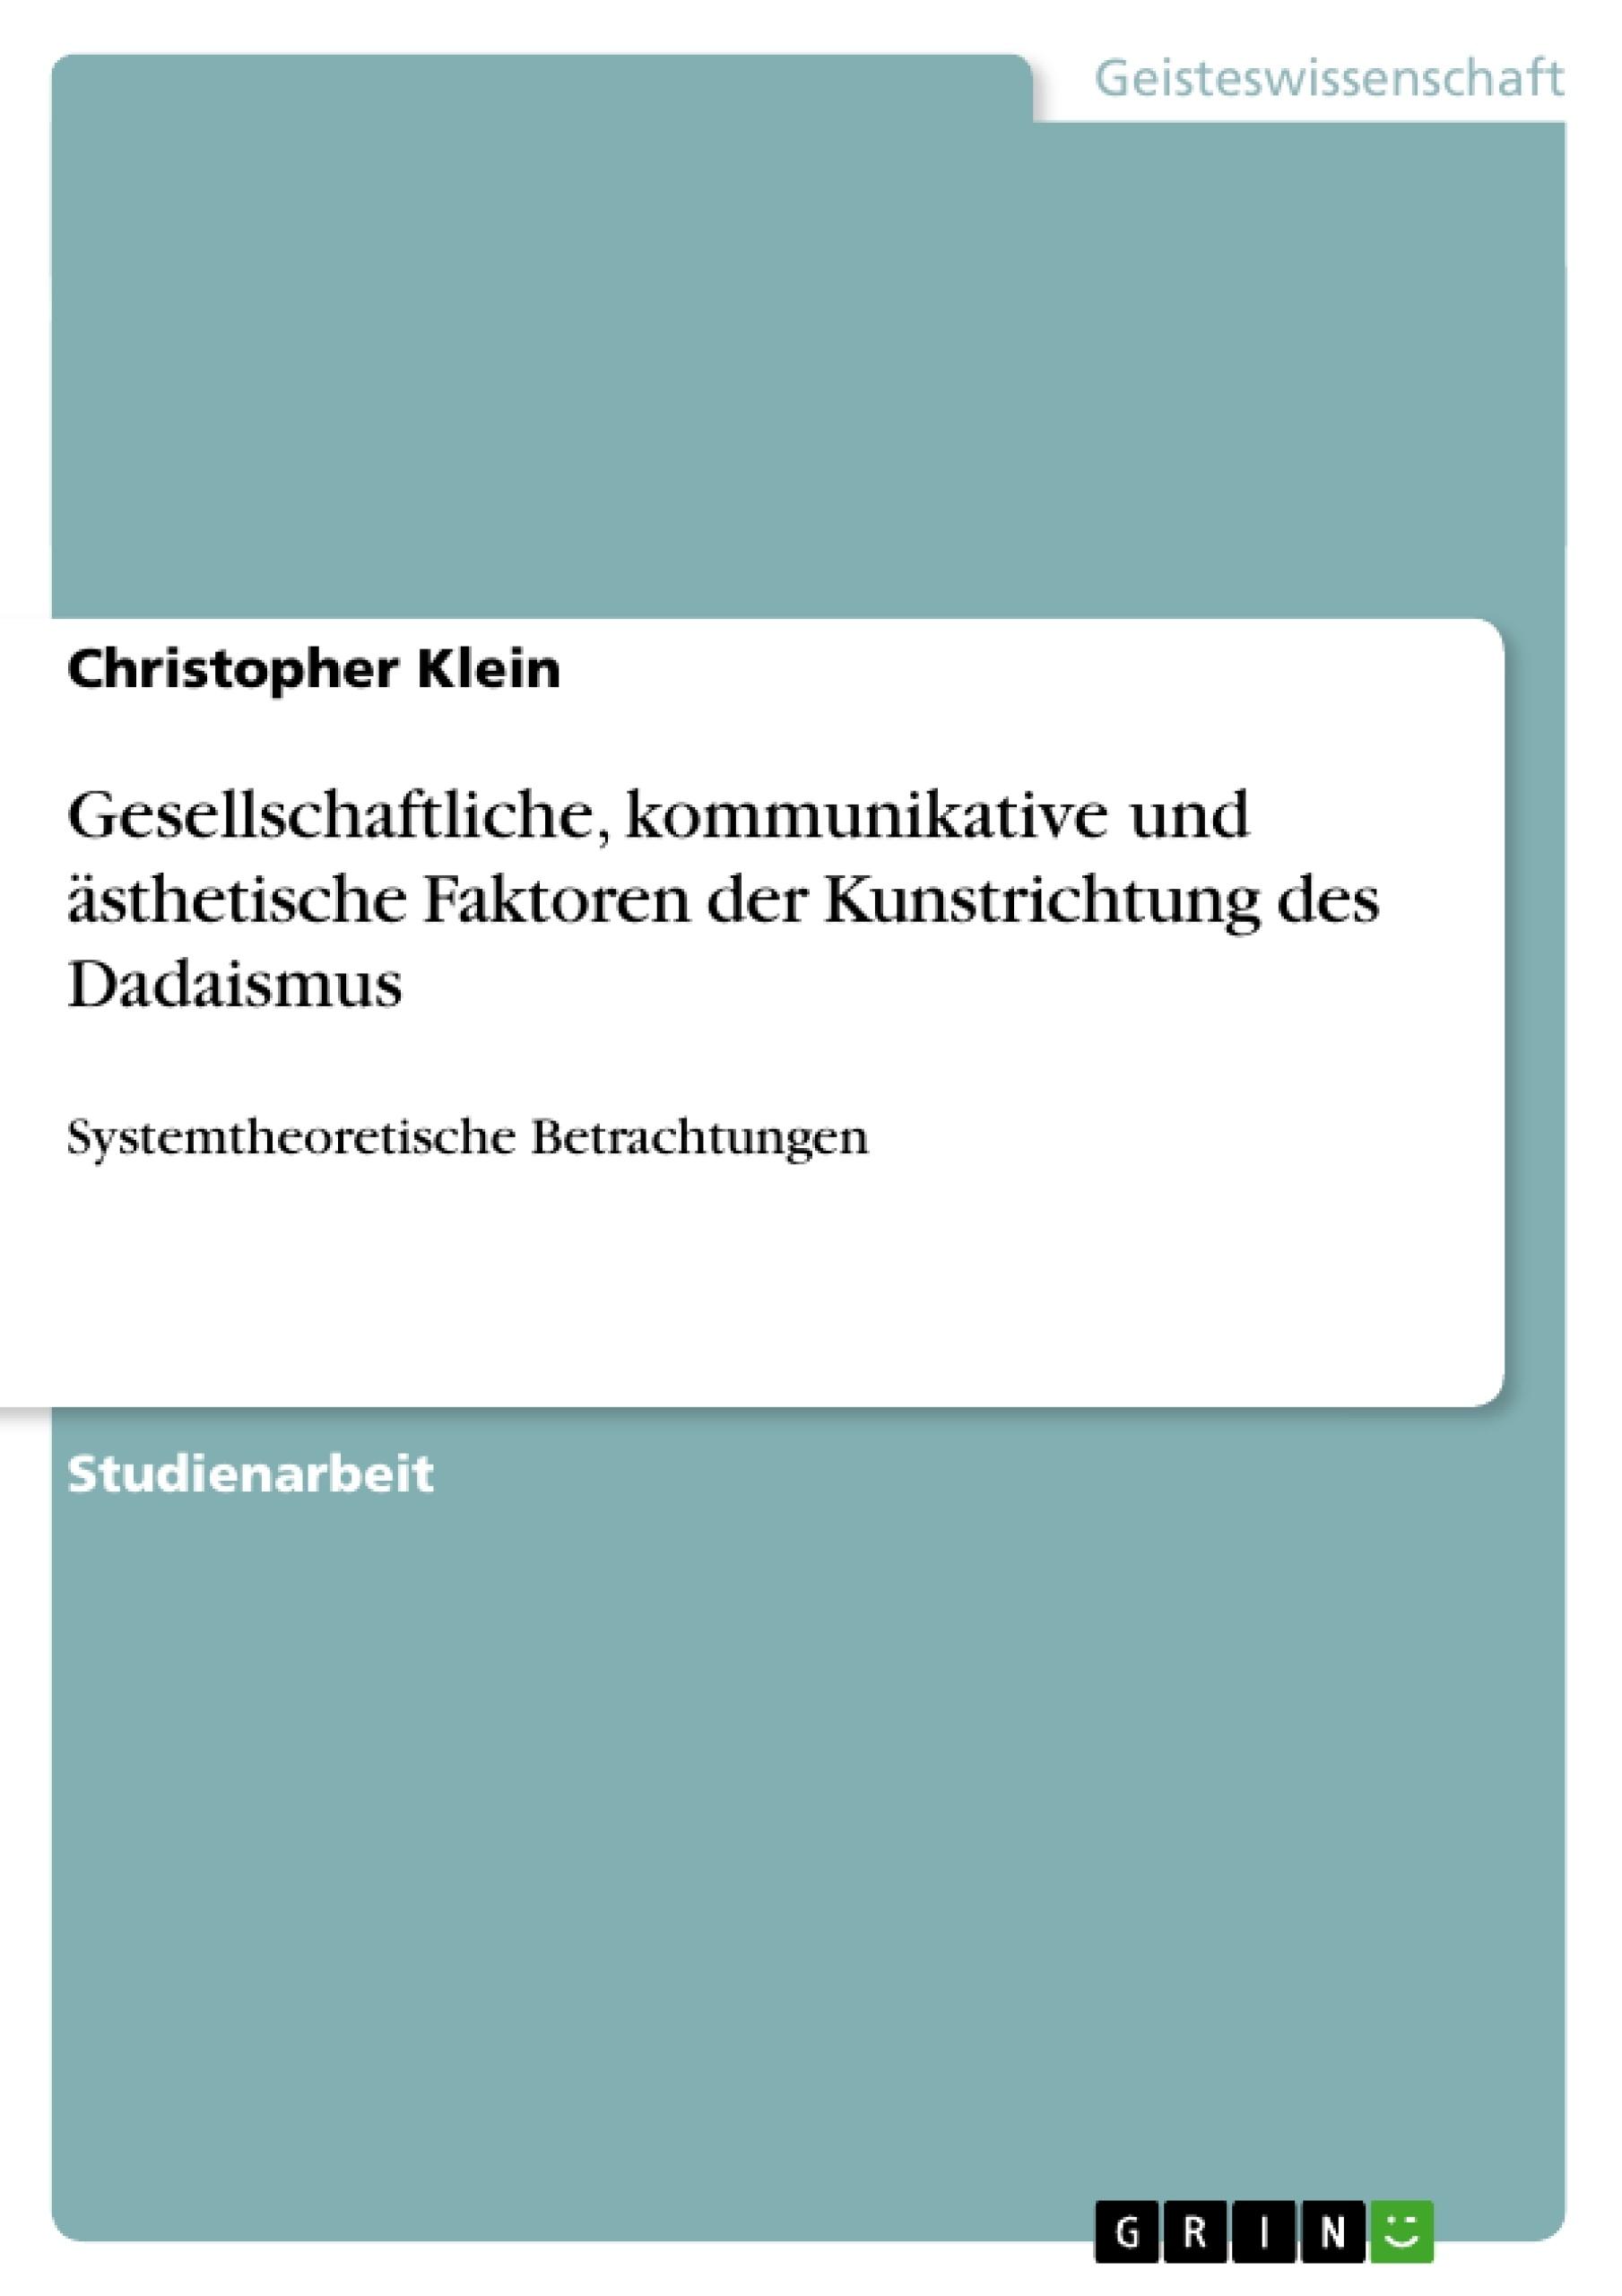 Titel: Gesellschaftliche, kommunikative und ästhetische Faktoren der Kunstrichtung des Dadaismus